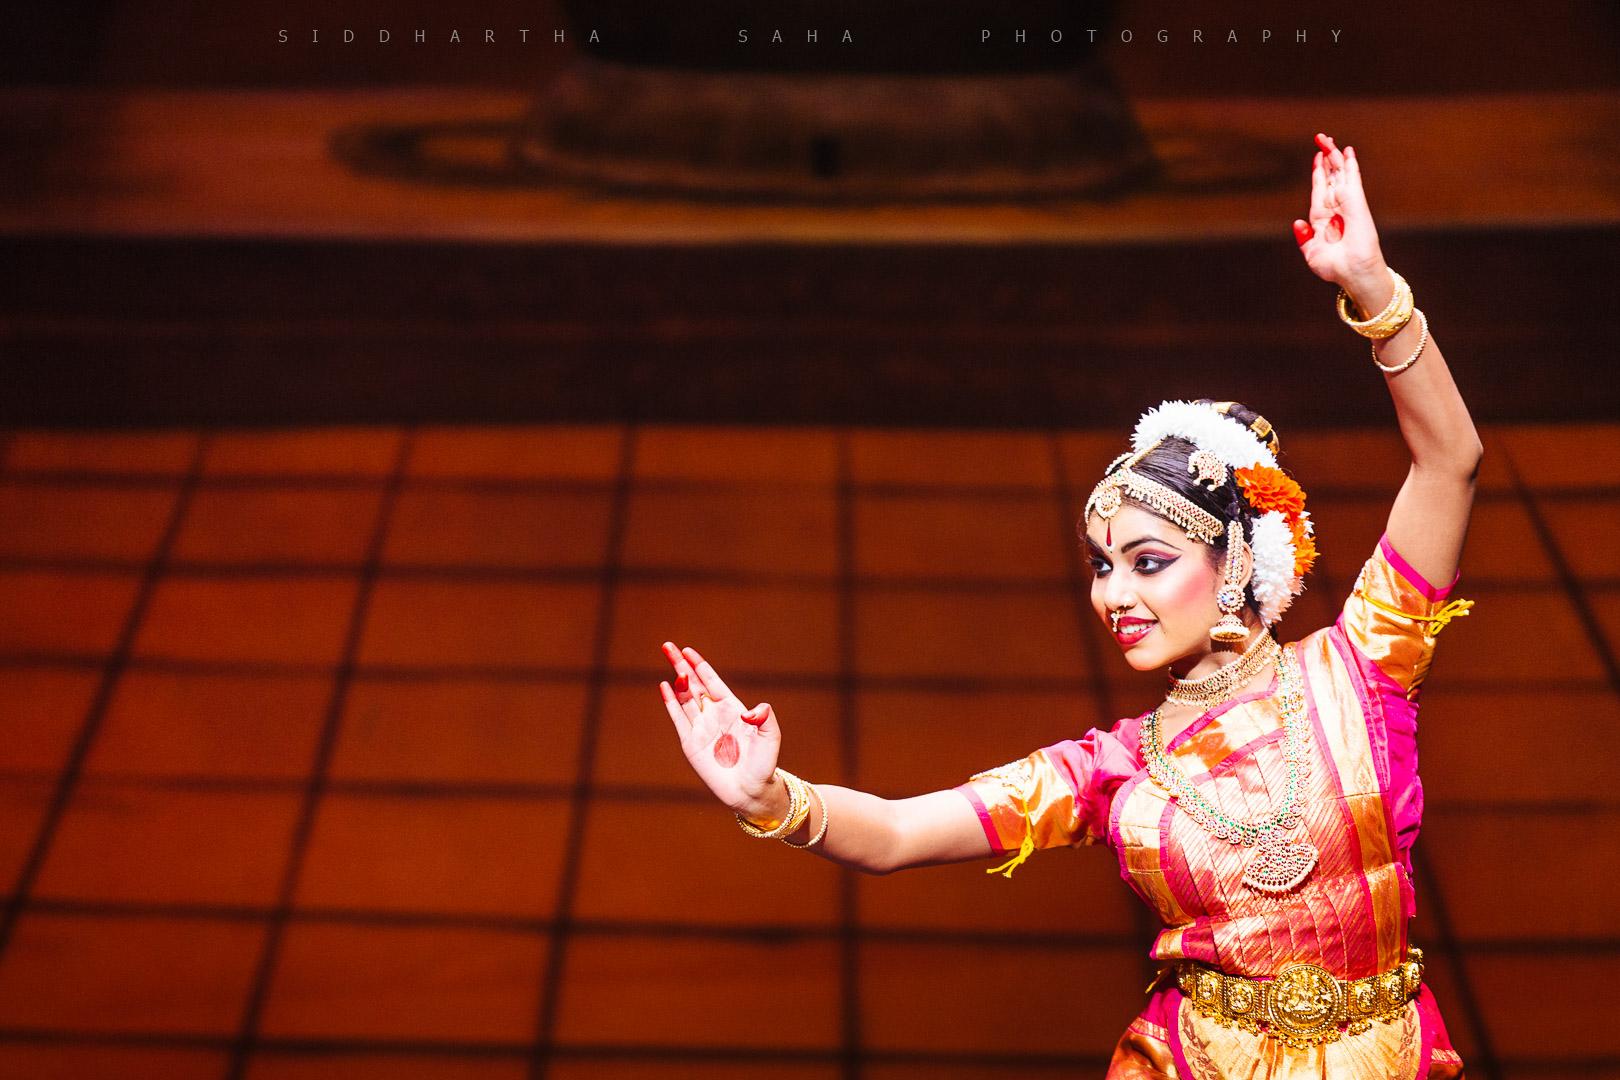 2015-09-06 - Riya Arangetram - _05Y5888